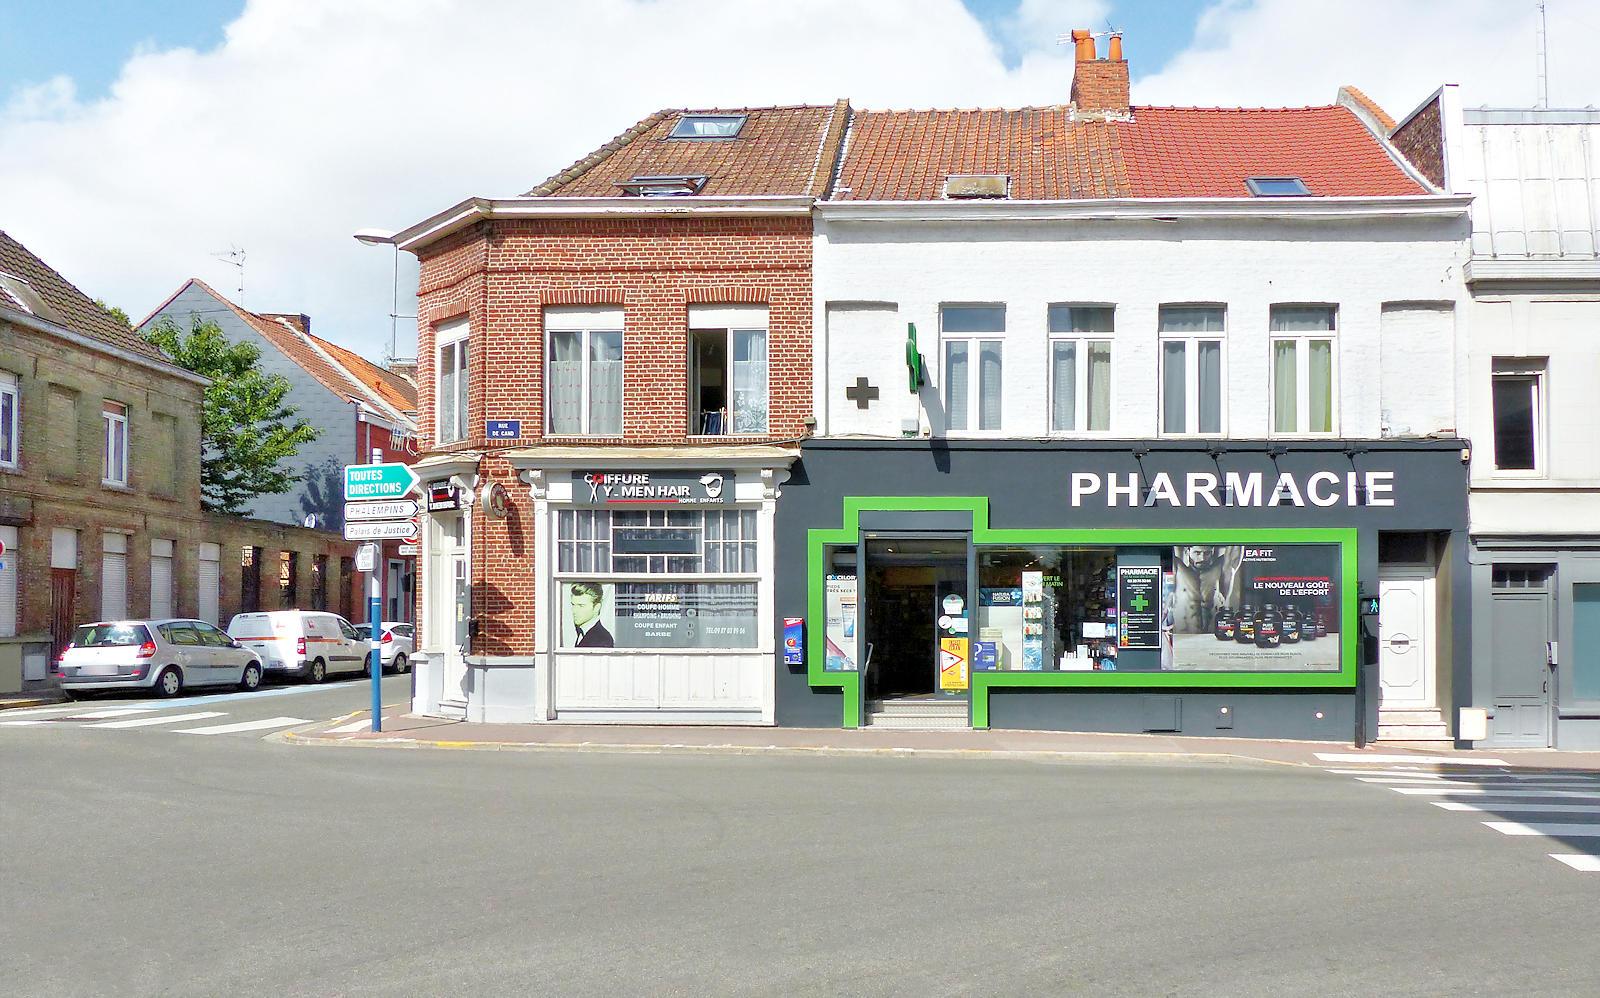 Pharmacie de la Rue de Gand - Tourcoing